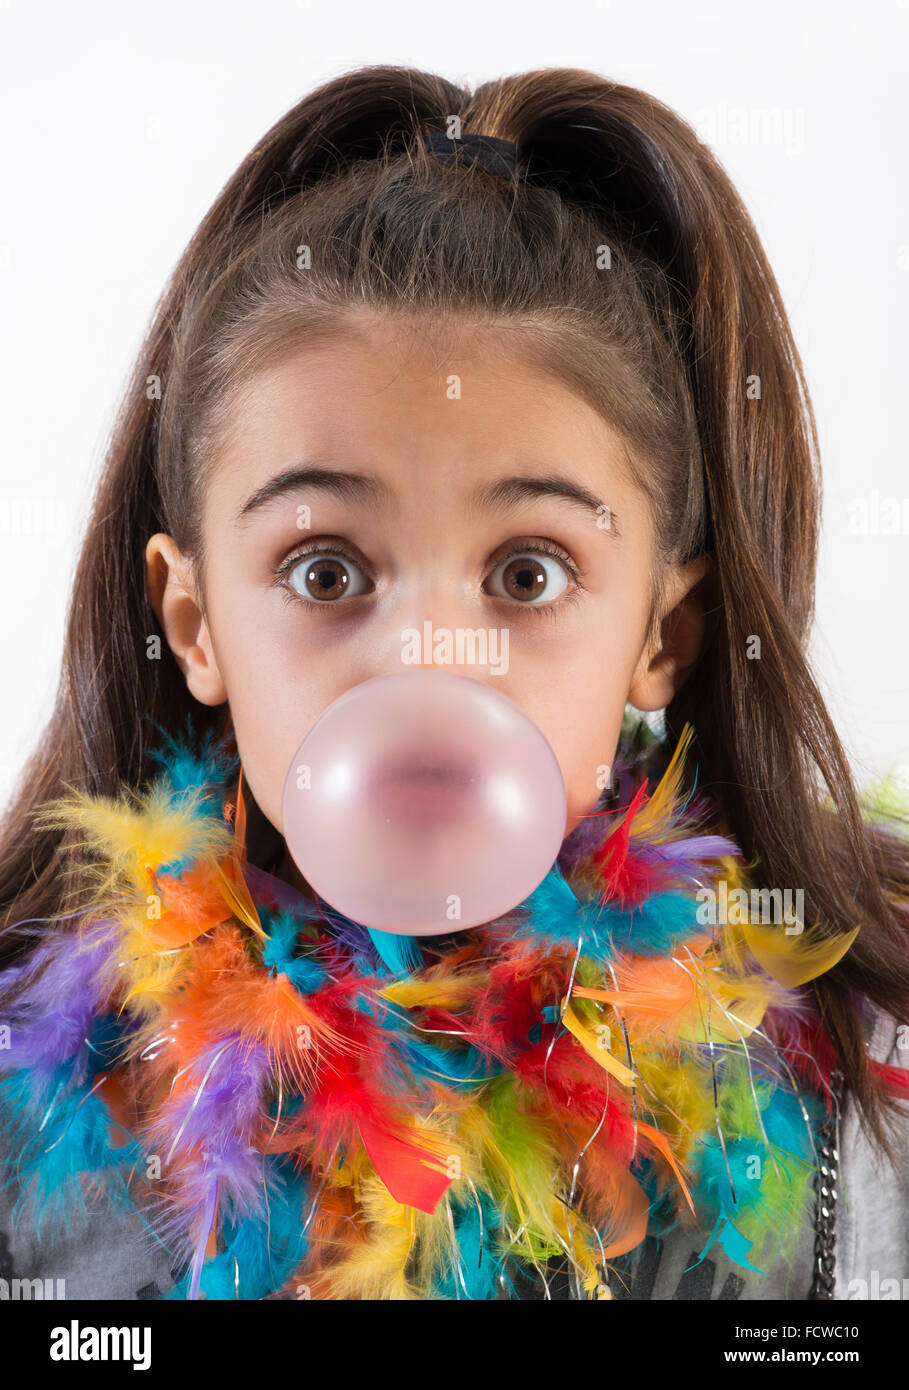 Carino bambina soffiando una gomma da masticare bolla con ampia sorpreso gli occhi e le piume colorate intorno al Immagini Stock